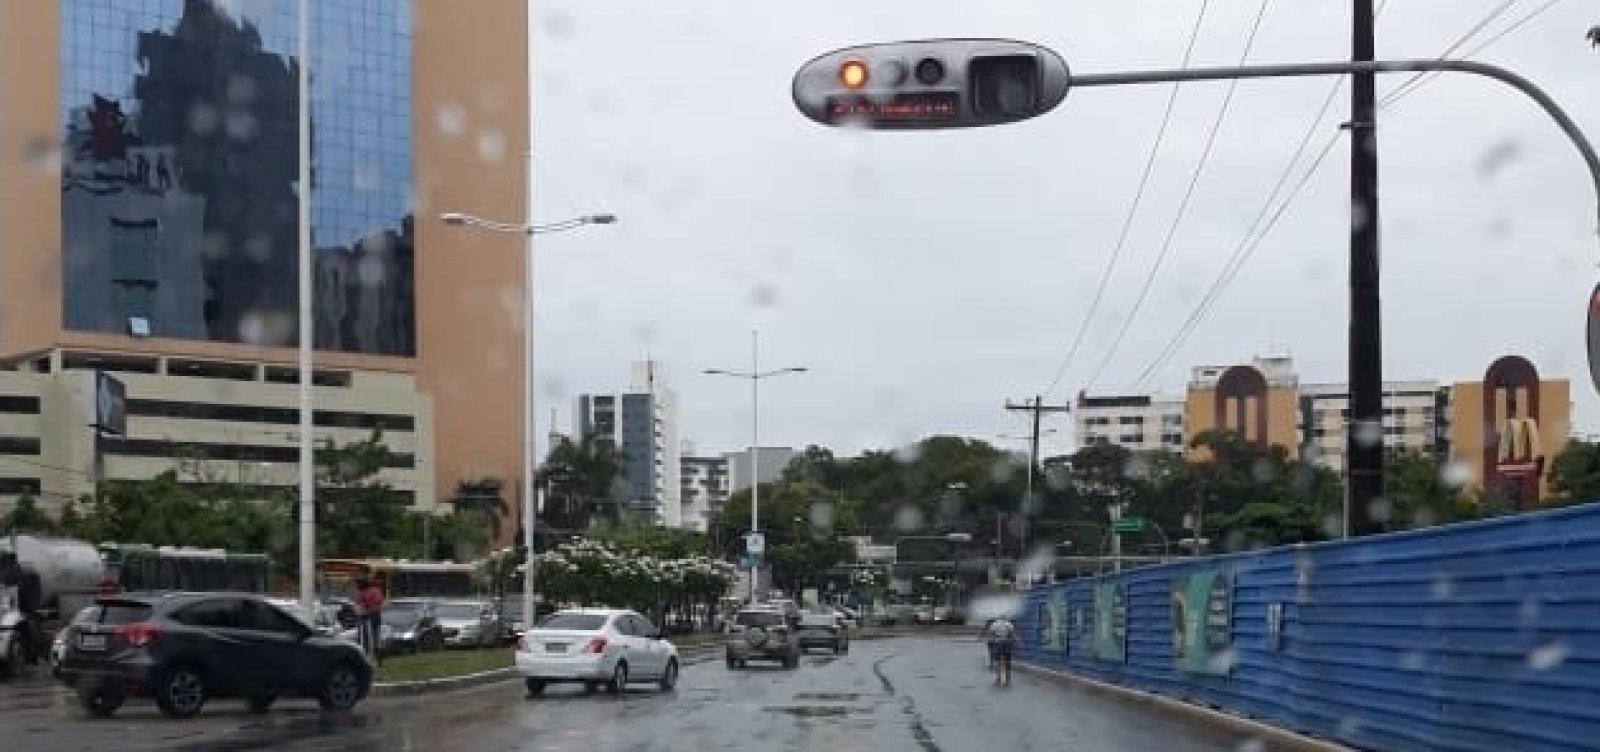 Defesa Civil alerta para chuvas e risco de alagamentos em Salvador